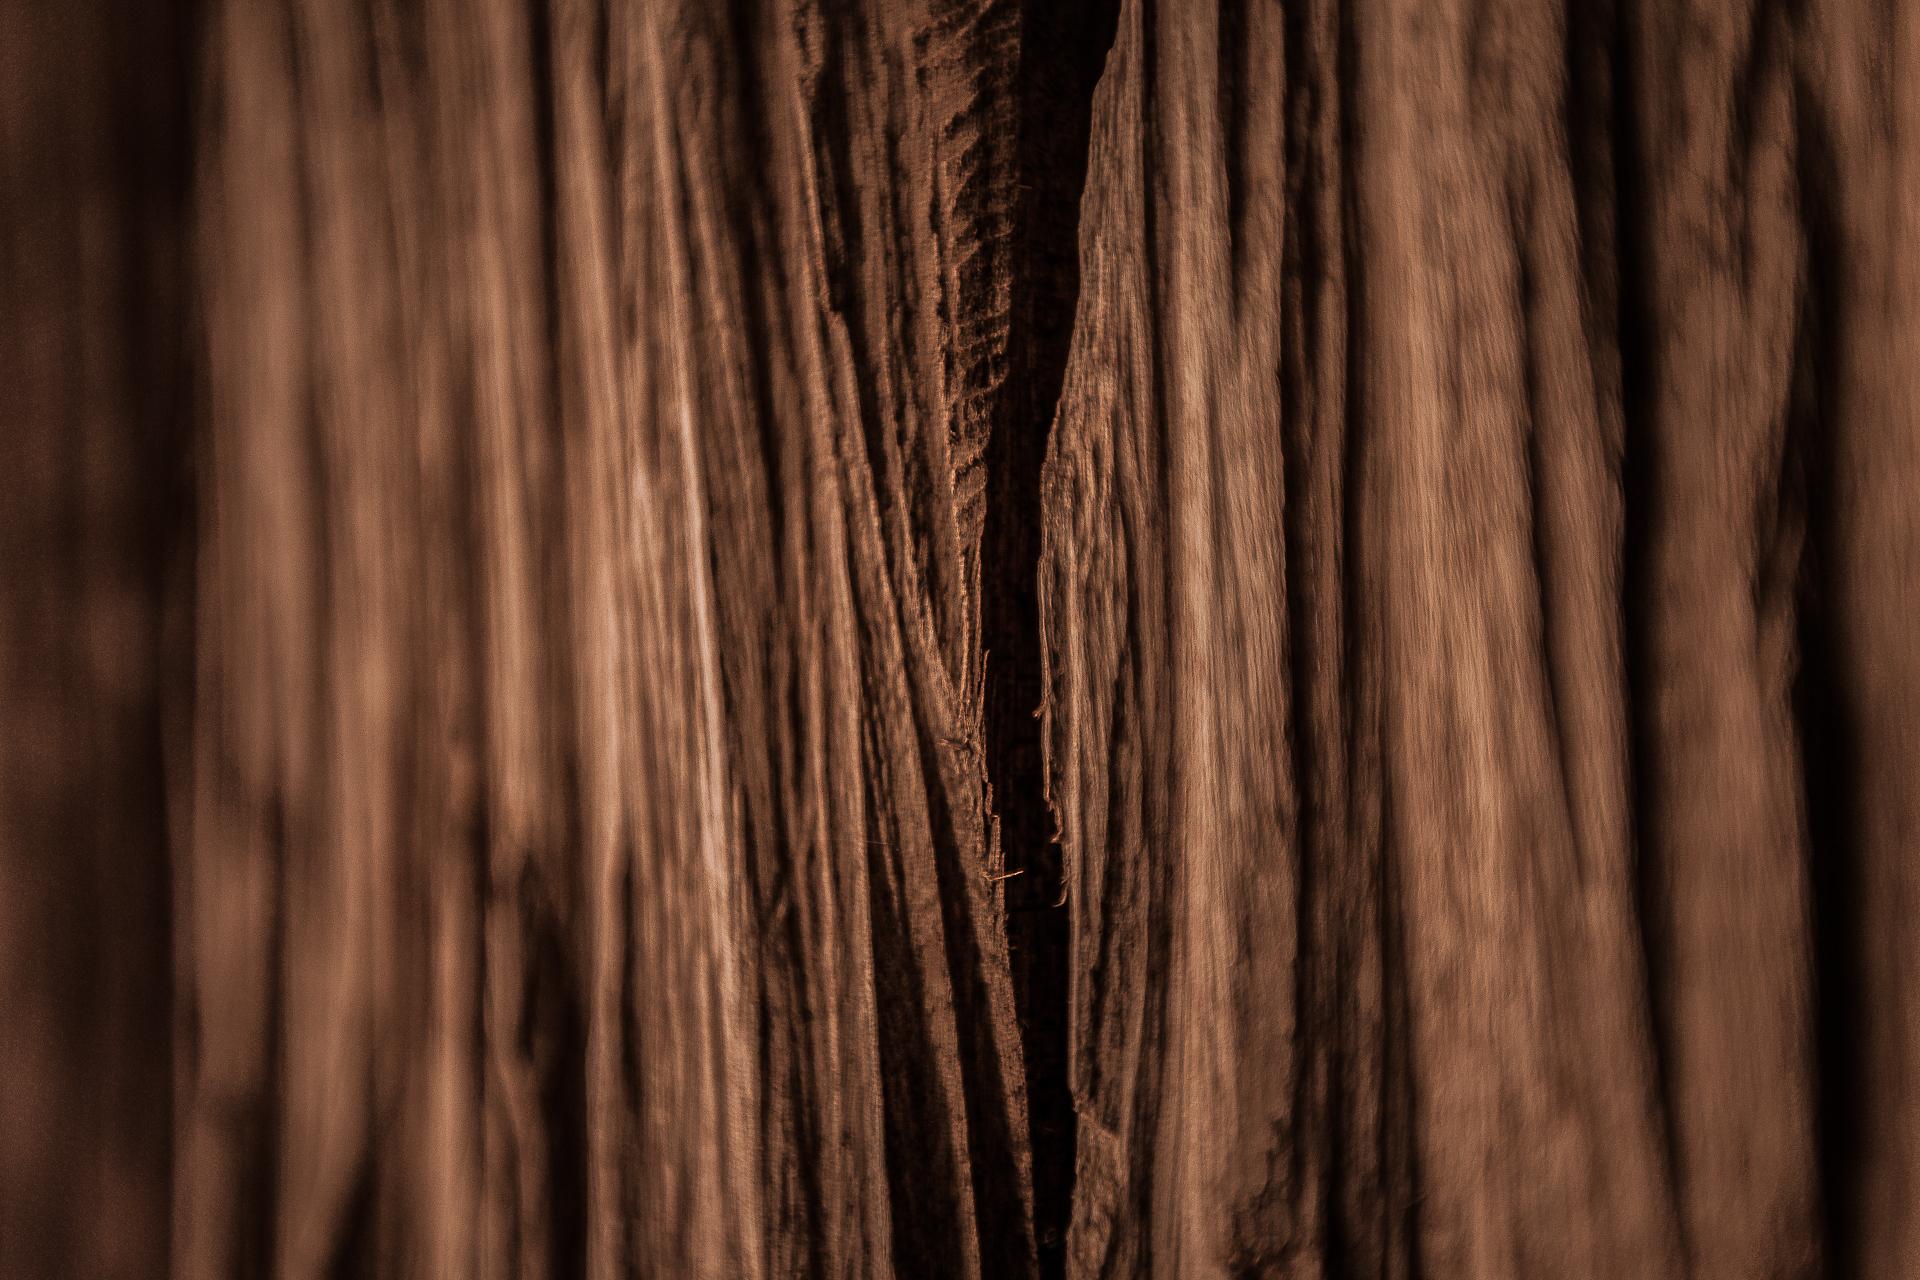 Fotografia-Photography-Alberto-Carneiro-Escultura-Sculpture-Bronze-Madeira-Wood-Basalto-Basalt-Fabrica-Santo-Thyrso-Texturas-Textures-Parcial-Partial-bonjourmolotov-Andre-Gigante-17